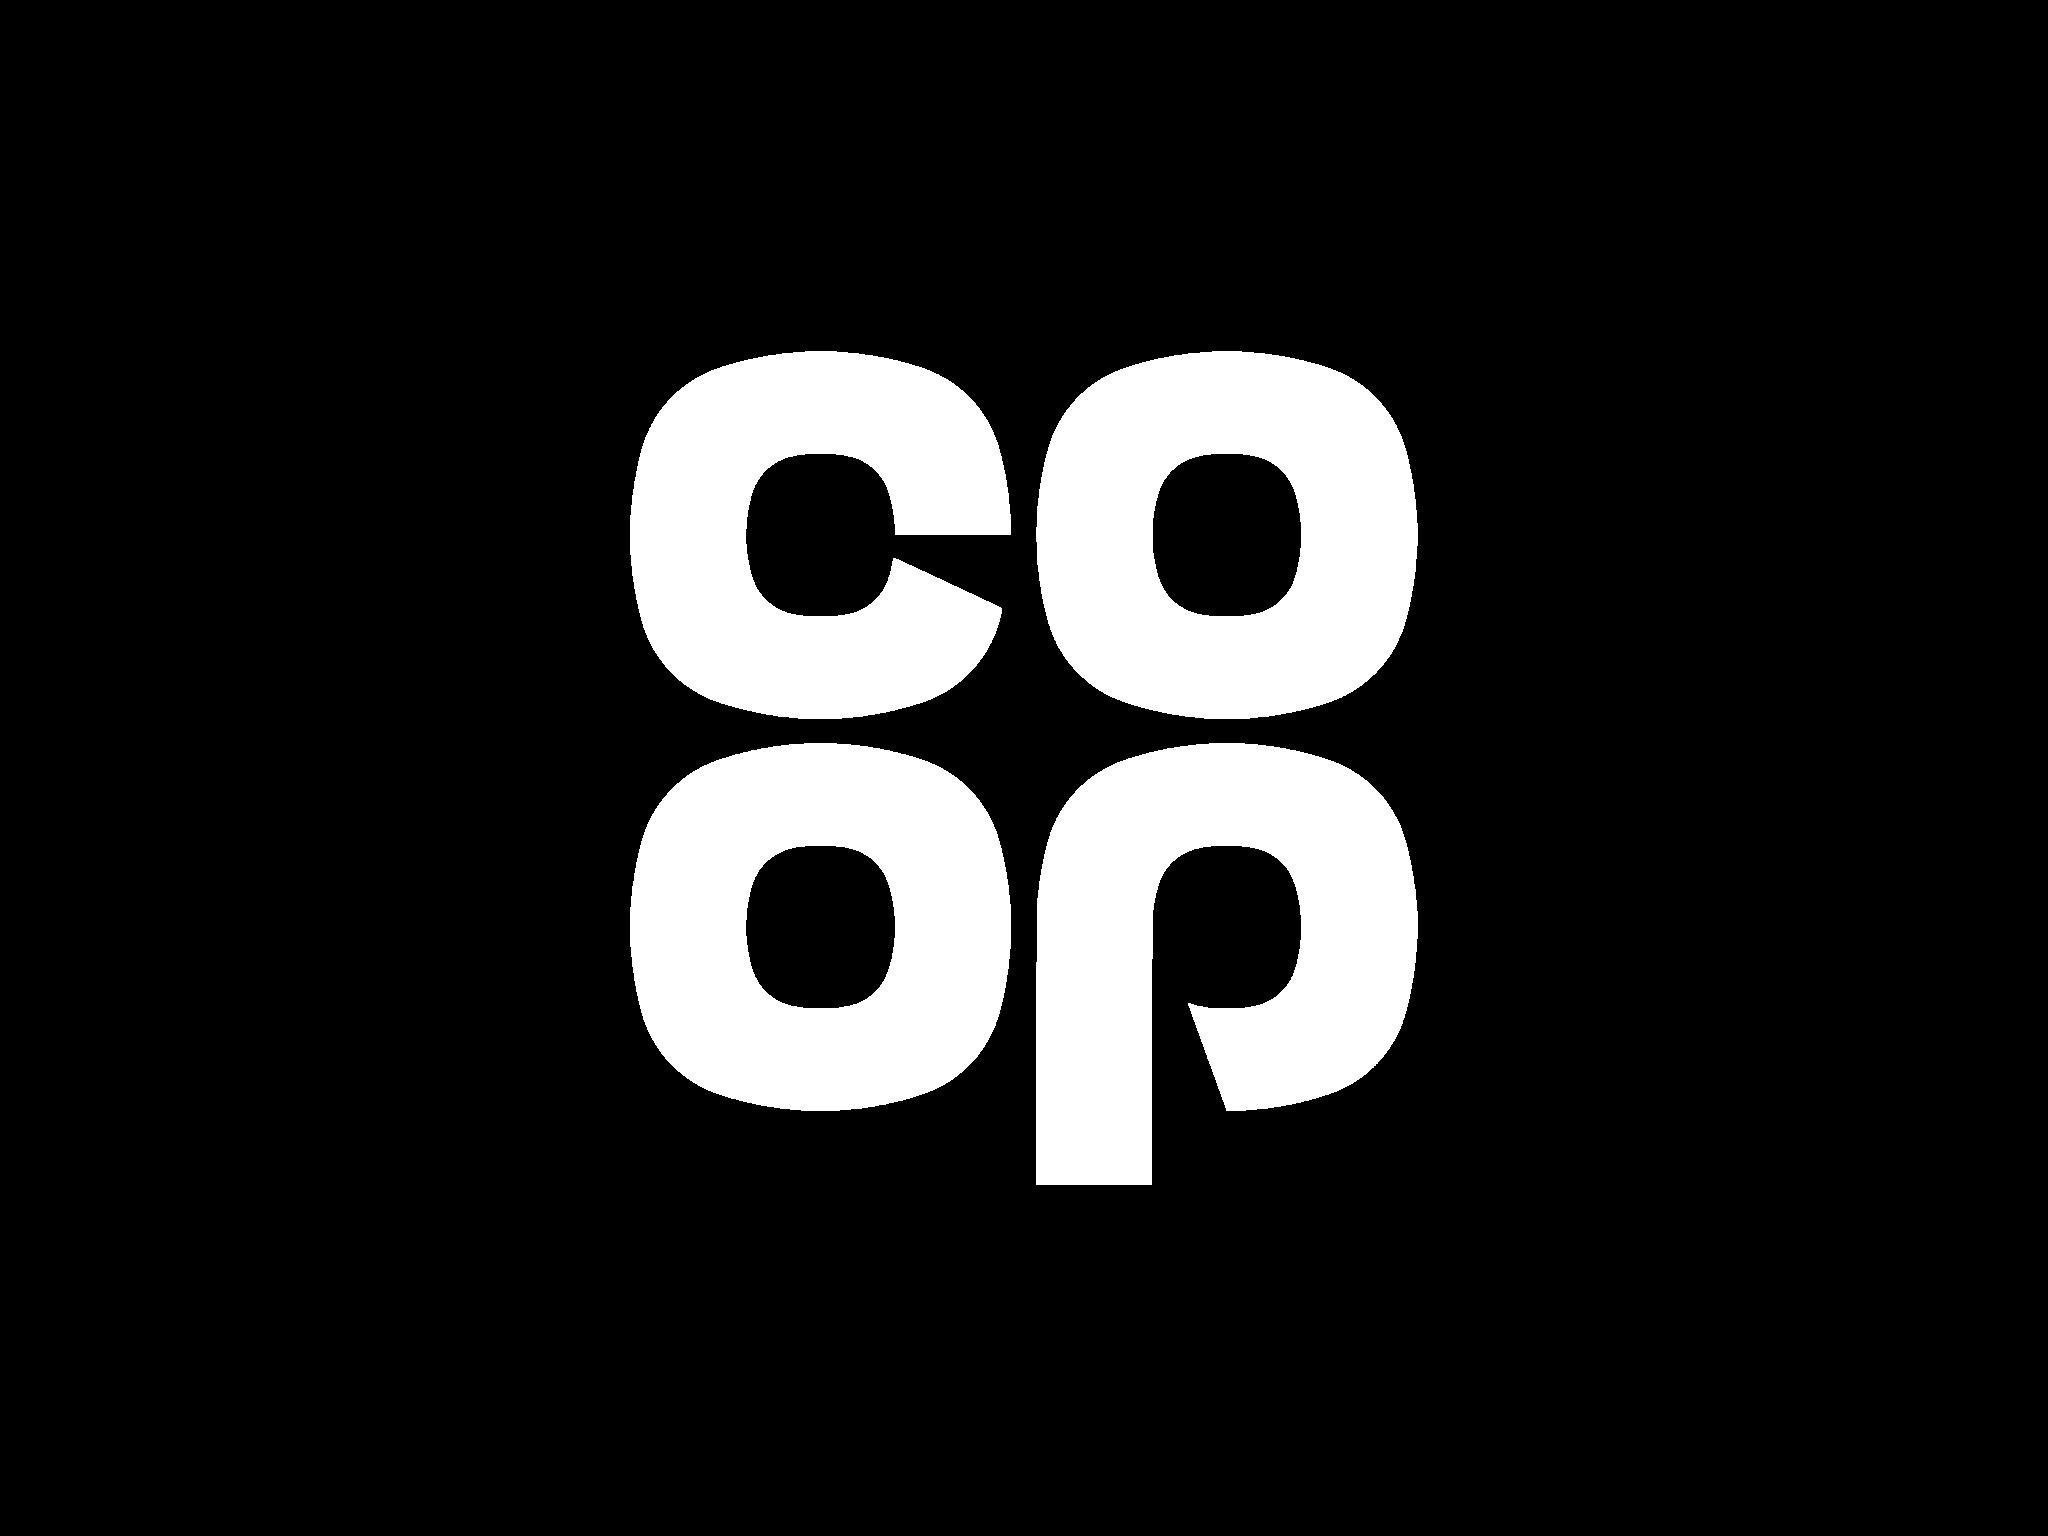 coop logo white-2